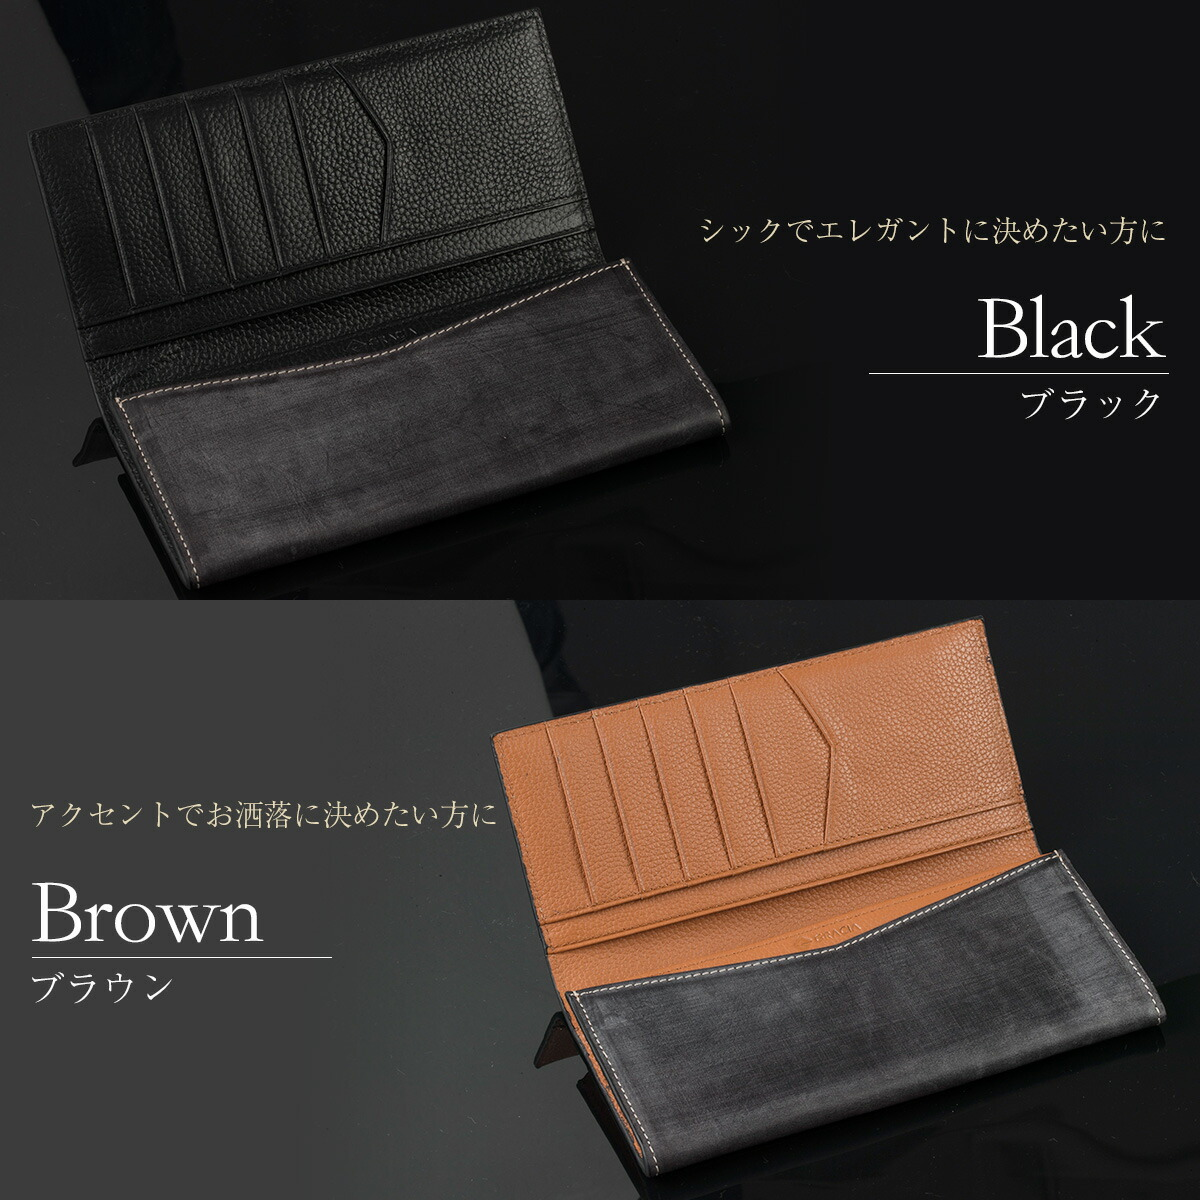 ブライドルレザー 長財布